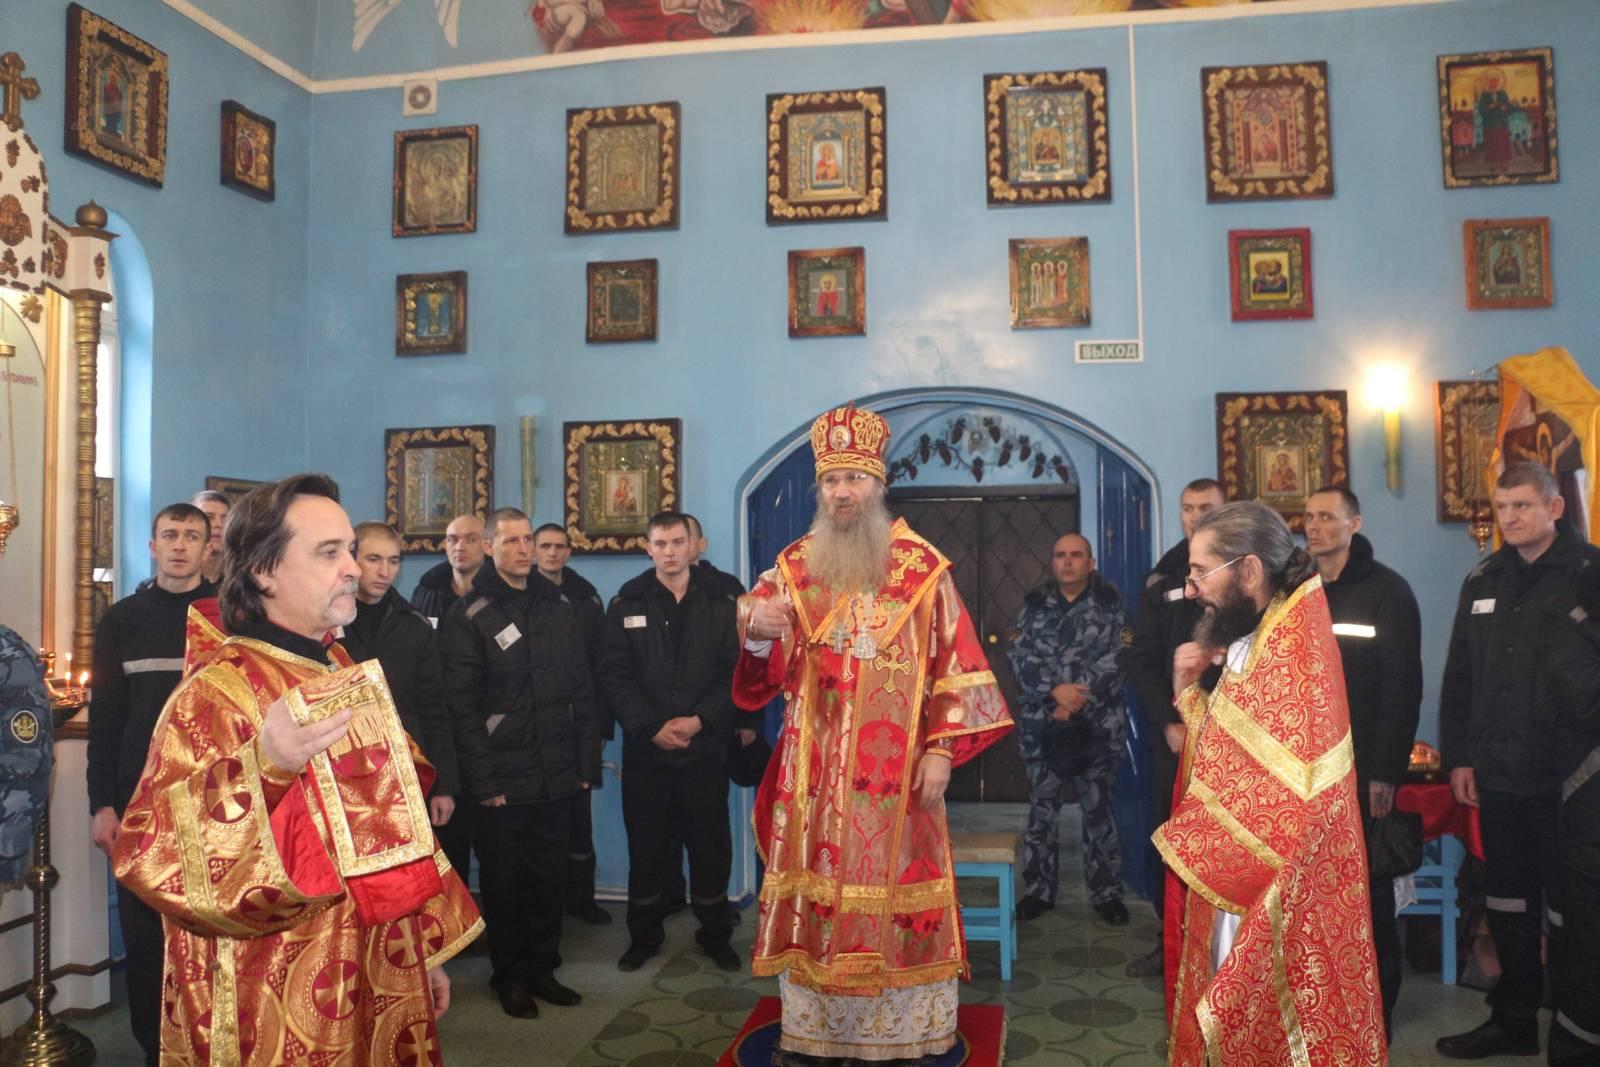 Божественная литургия в больничном тюремном храме иконы Божией Матери «Достойно есть» в ЛИУ-23.